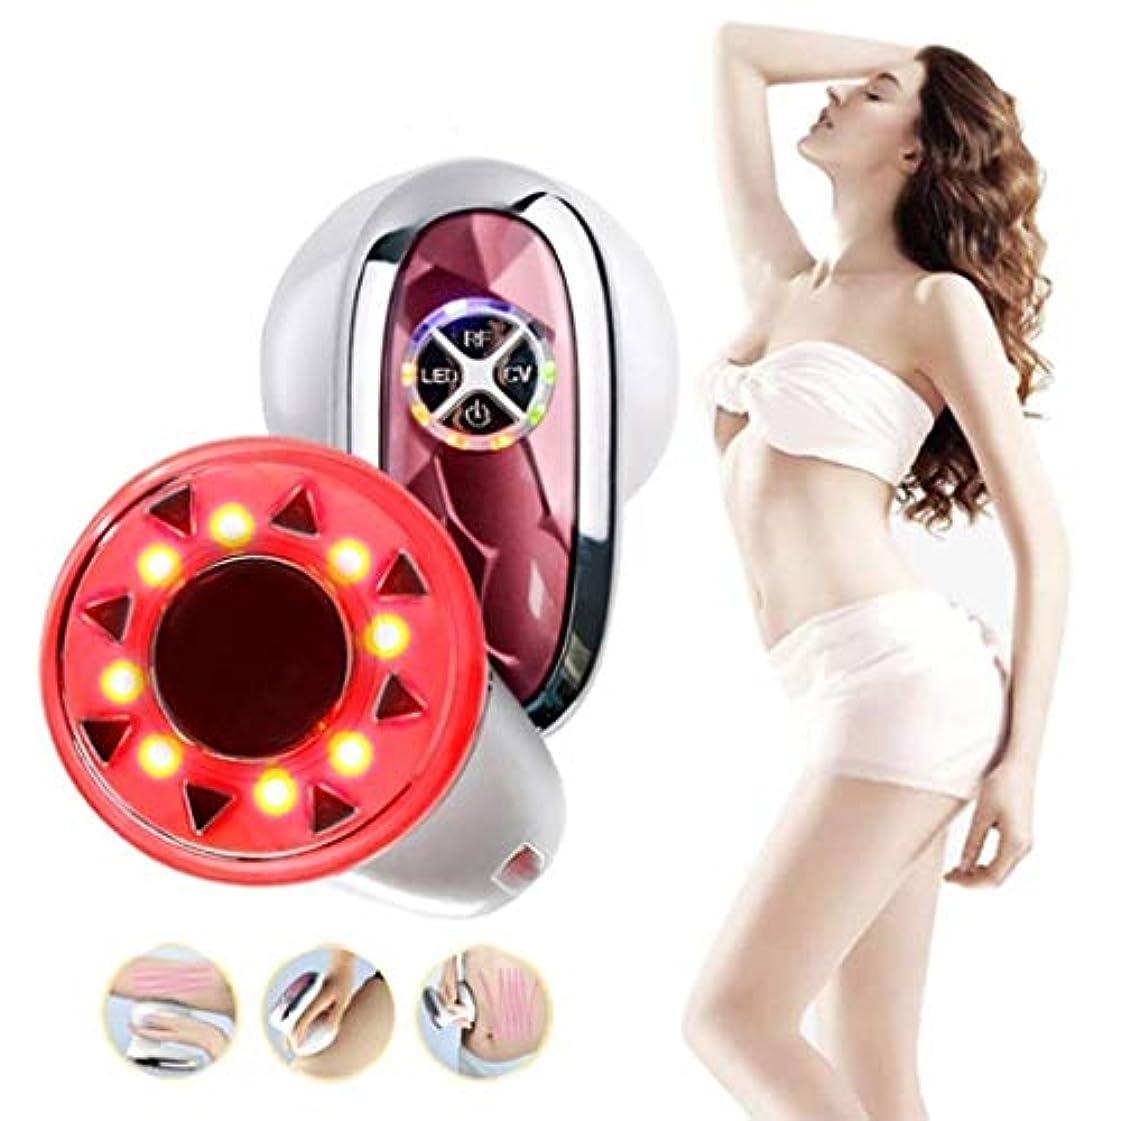 スペイン受ける十分電気減量機、4-1 - ラジオ周波数マッサージ器、体の腹部、腰、脚、お尻、ボディマッサージ器、スキンケア機器